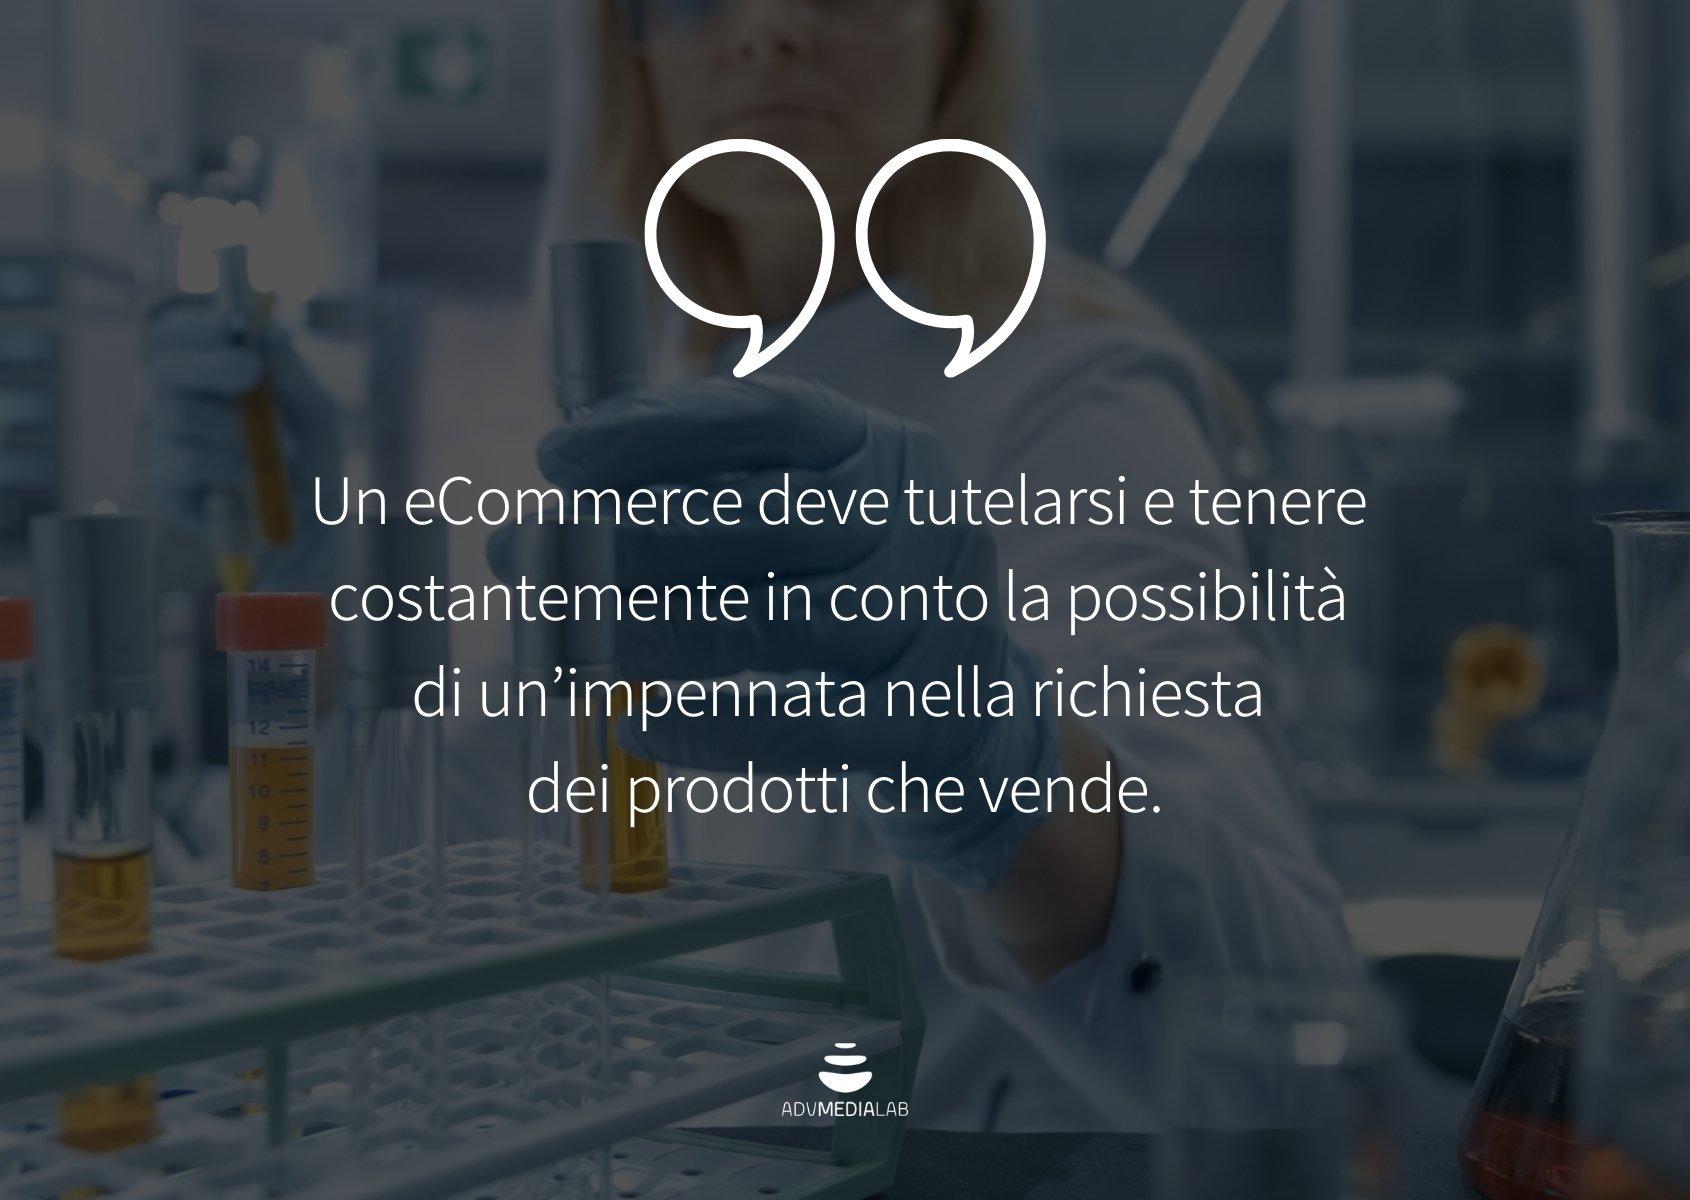 Citazione : Un eCommerce deve tutelarsi e tenere costantemente in conto la possibilità di un'impennata nella richiesta dei prodotti che vende.